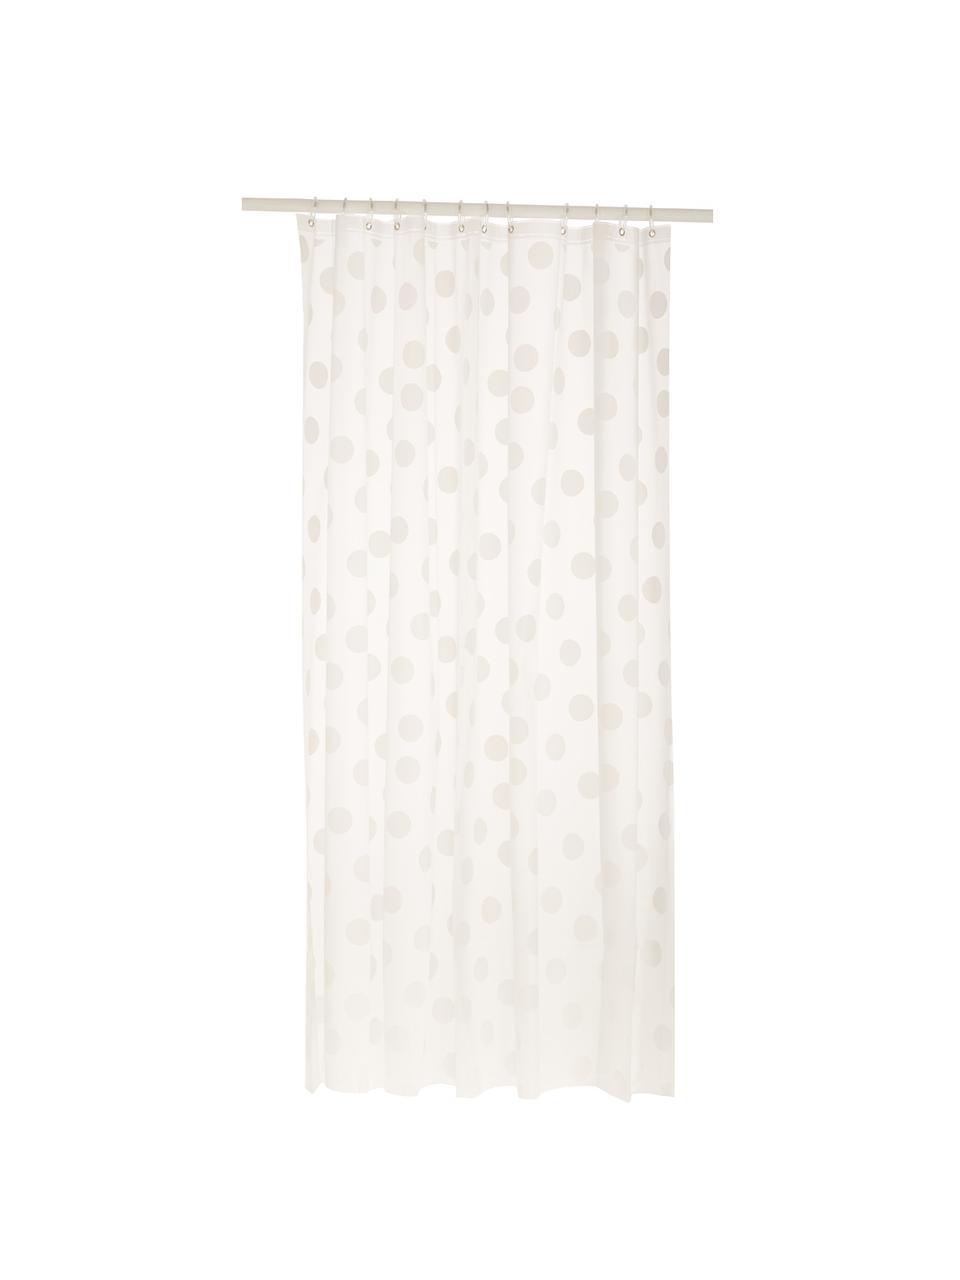 Krátký sprchový závěs spuntíky Golf, Bílá, šedá